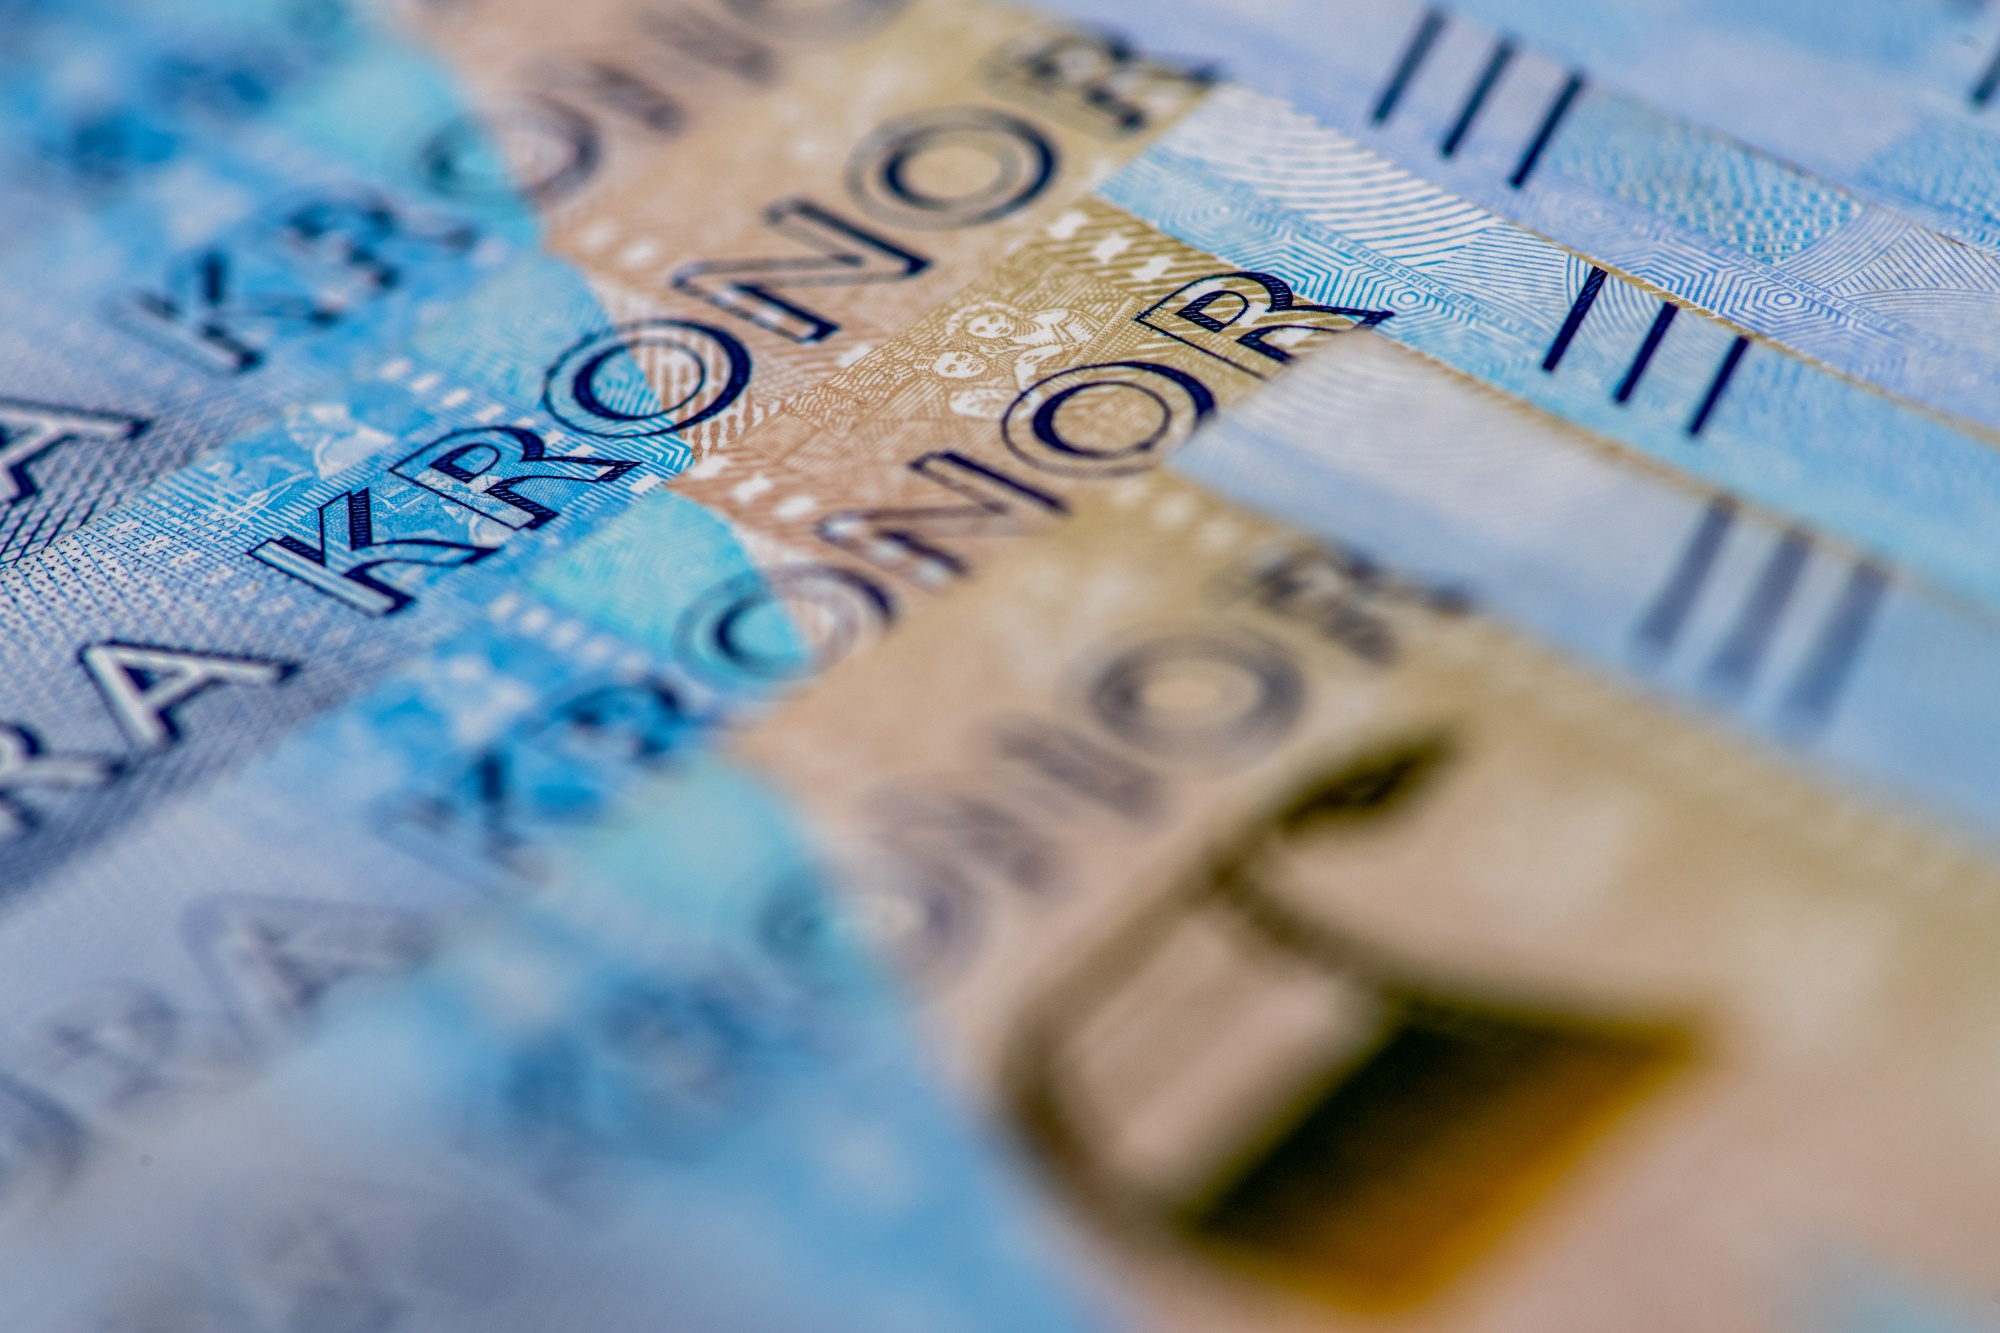 bloomberg.com - Amanda Billner - Inflation Slowdown Is Again Stalking Sweden's Central Bank